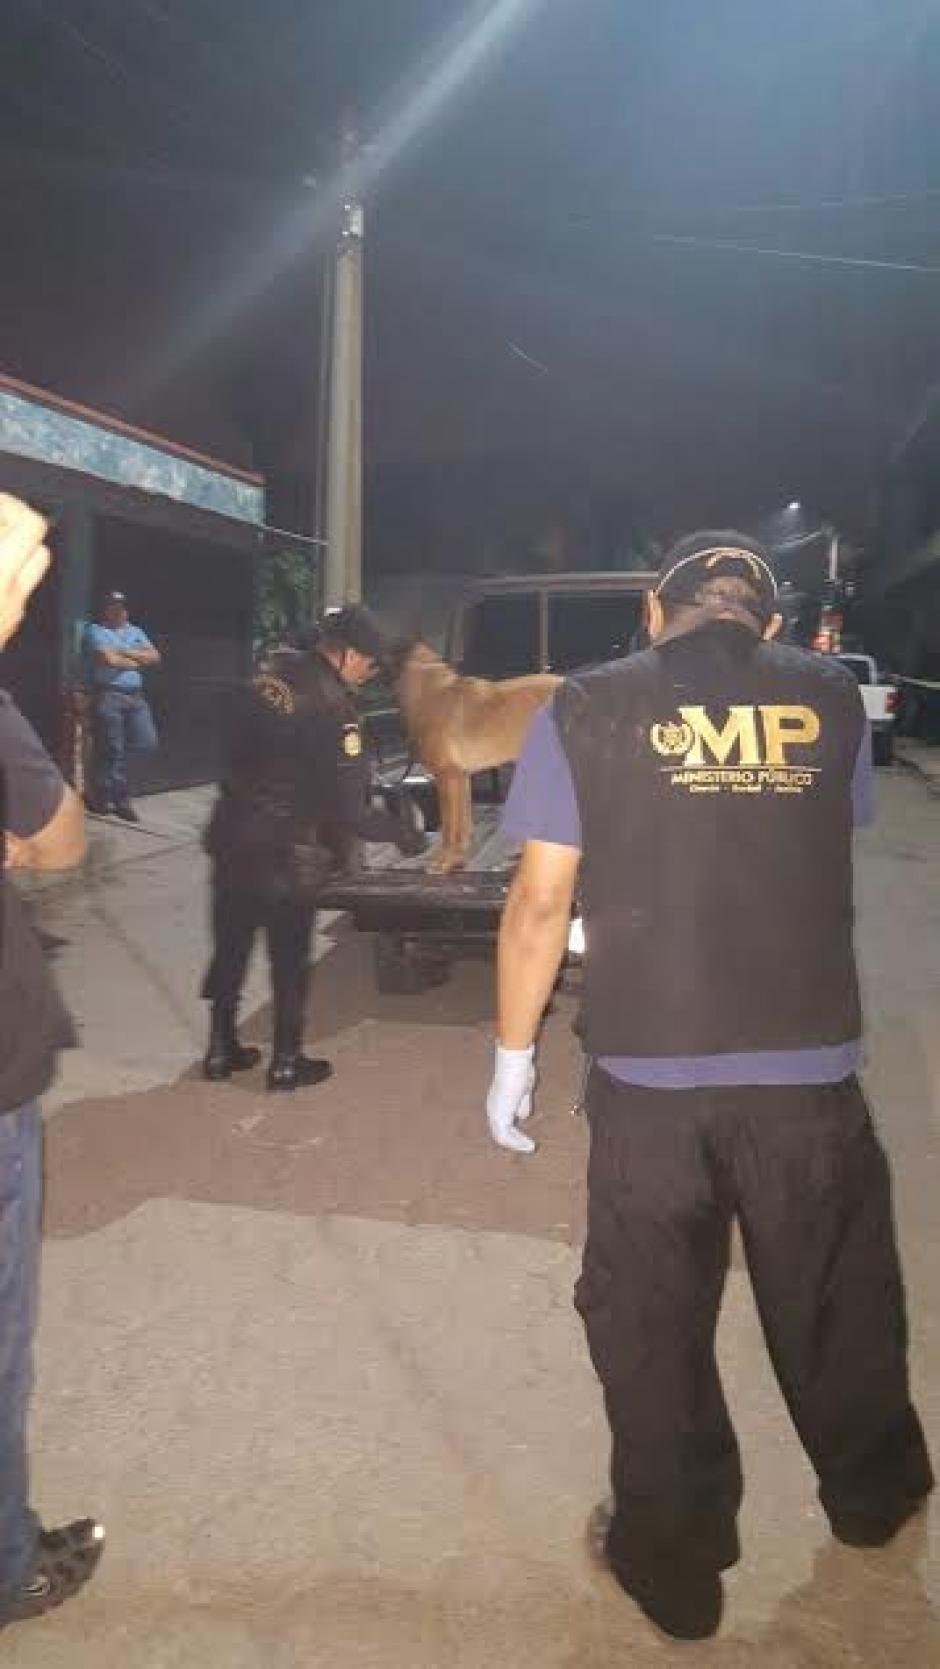 La agente canina Laika se especializa en localizar papel moneda y narcóticos. Este año participó en varios decomisos importantes. (Foto: Policía Nacional Civil)